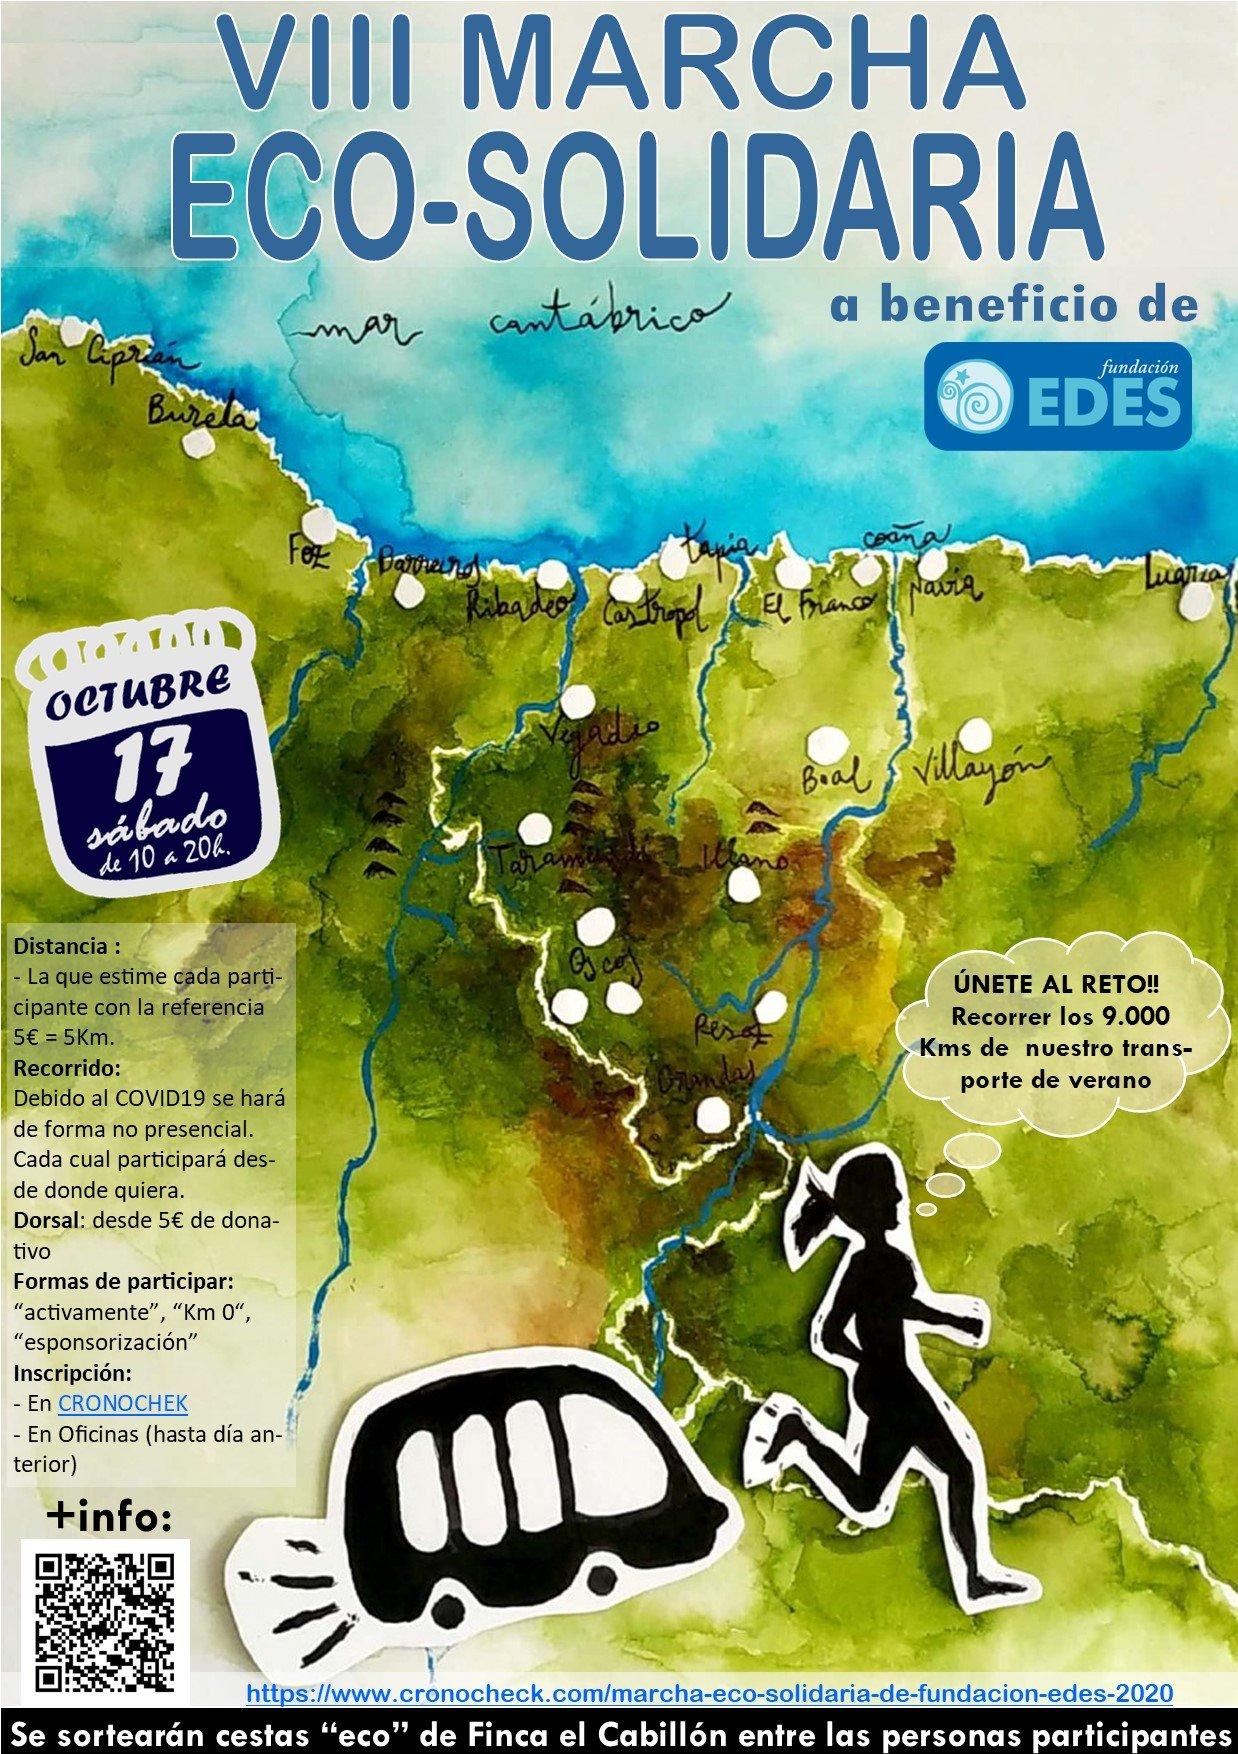 El próximo 17 de Octubre: #EnMarchaConFundaciónEDES VIII Marcha Eco-Solidaria de Fundación EDES